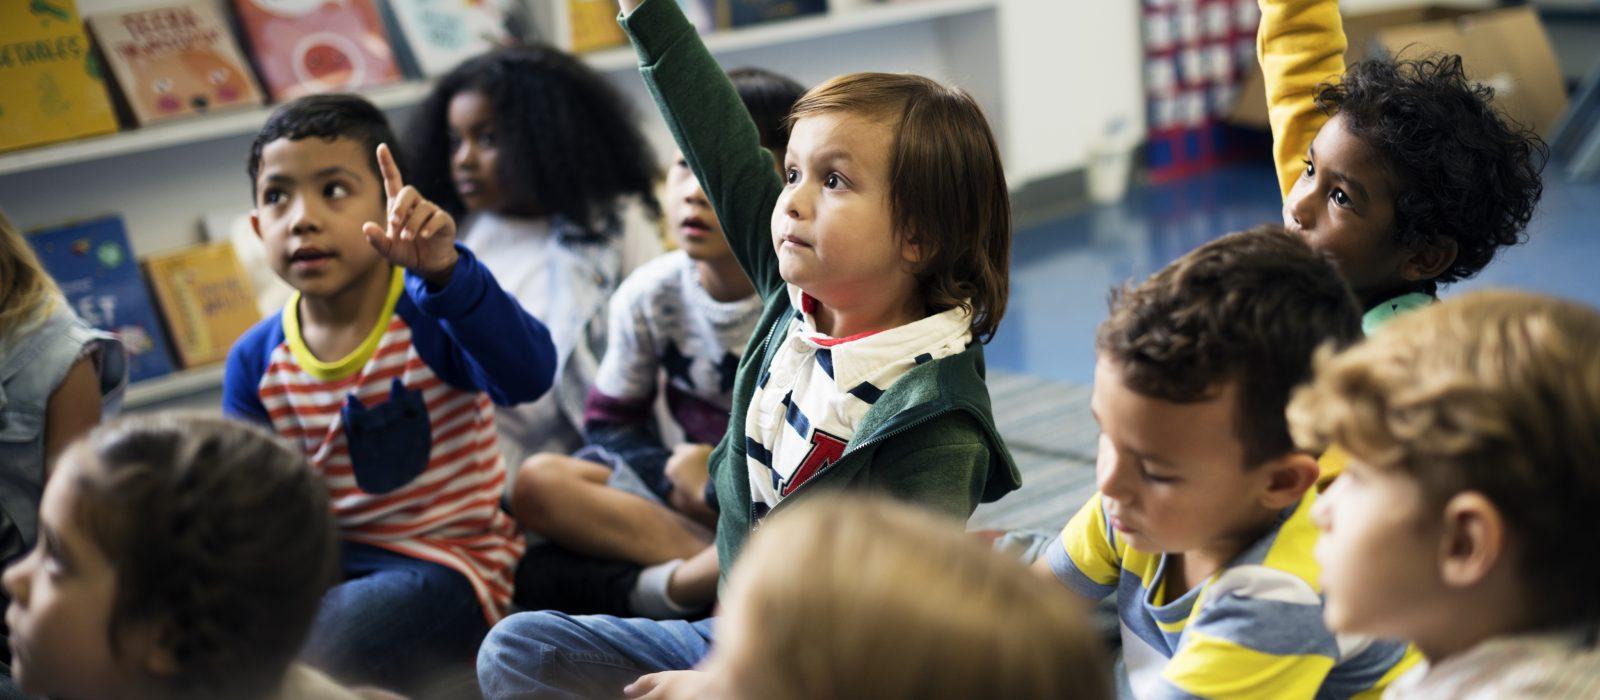 ¿Cómo hablar de racismo en clase?